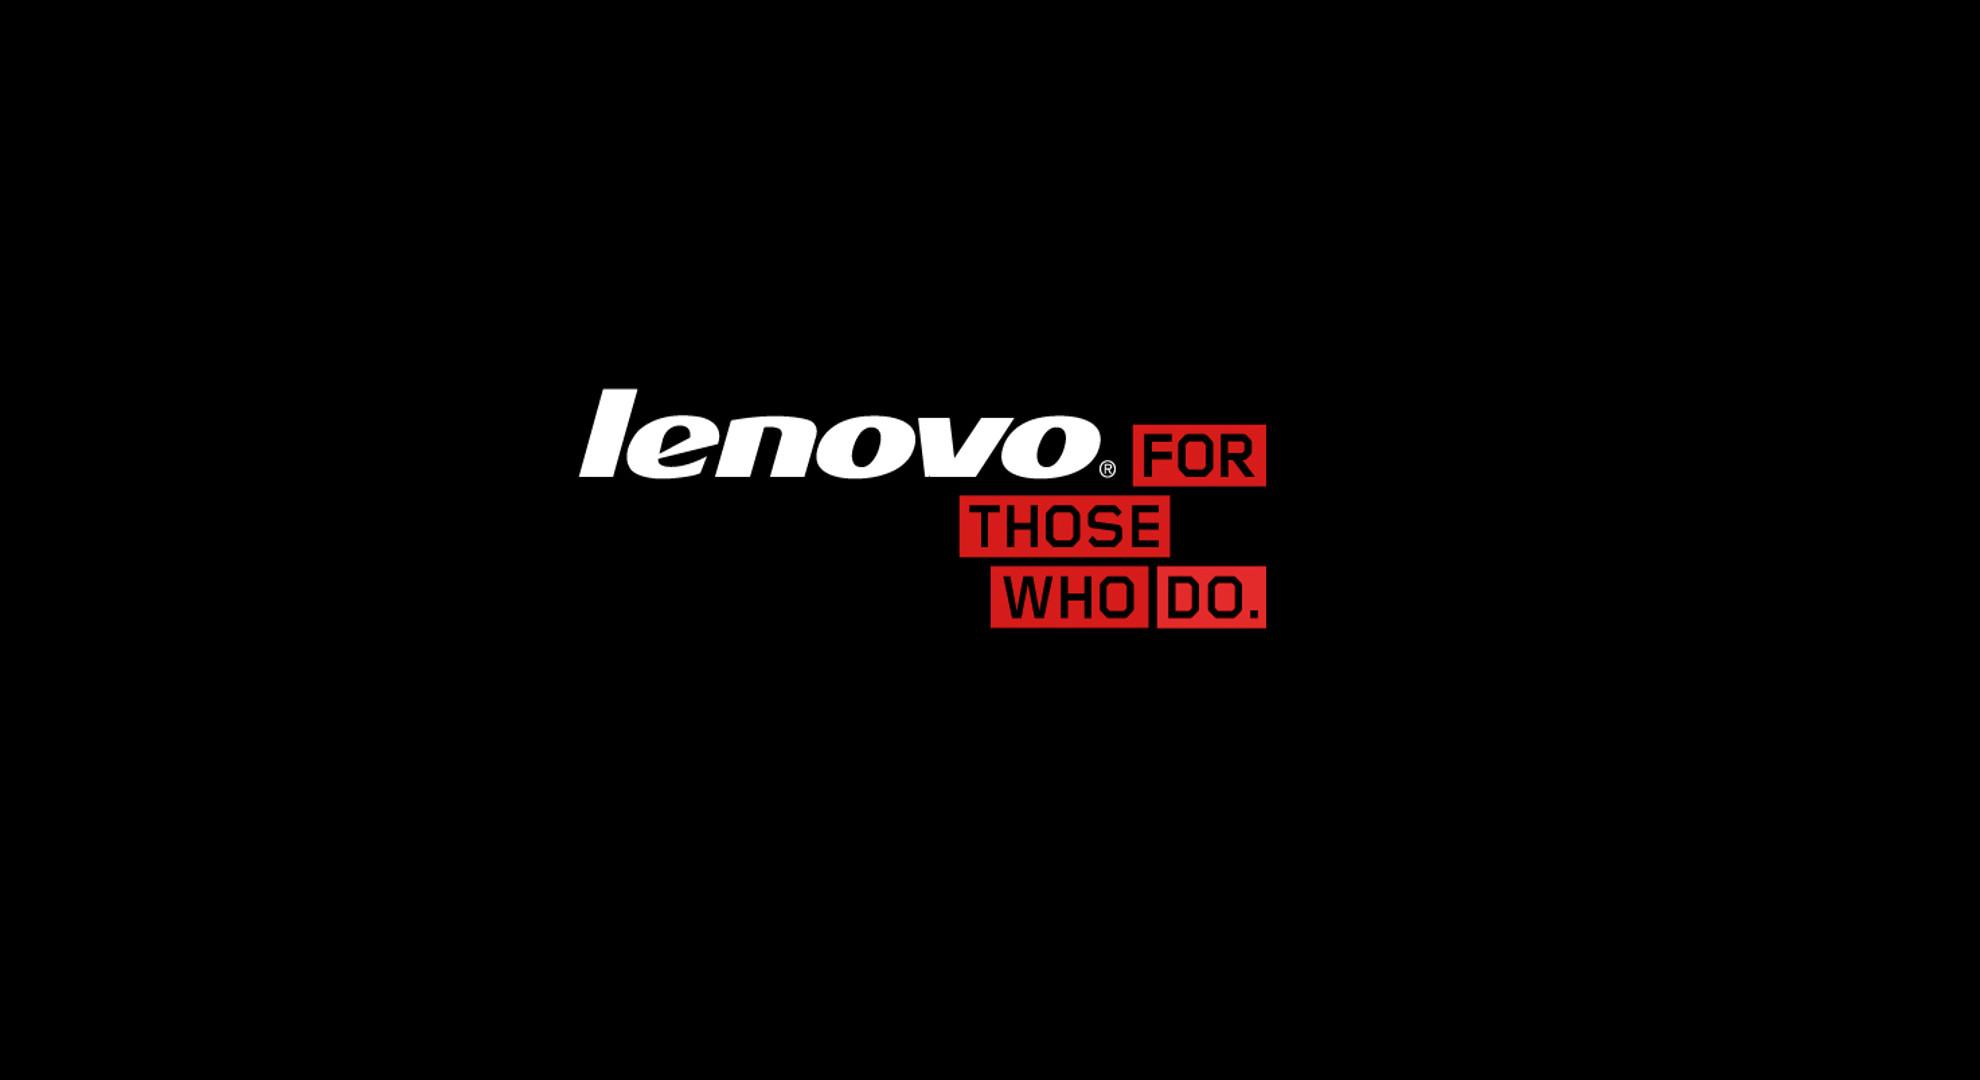 Lenovo wallpaper